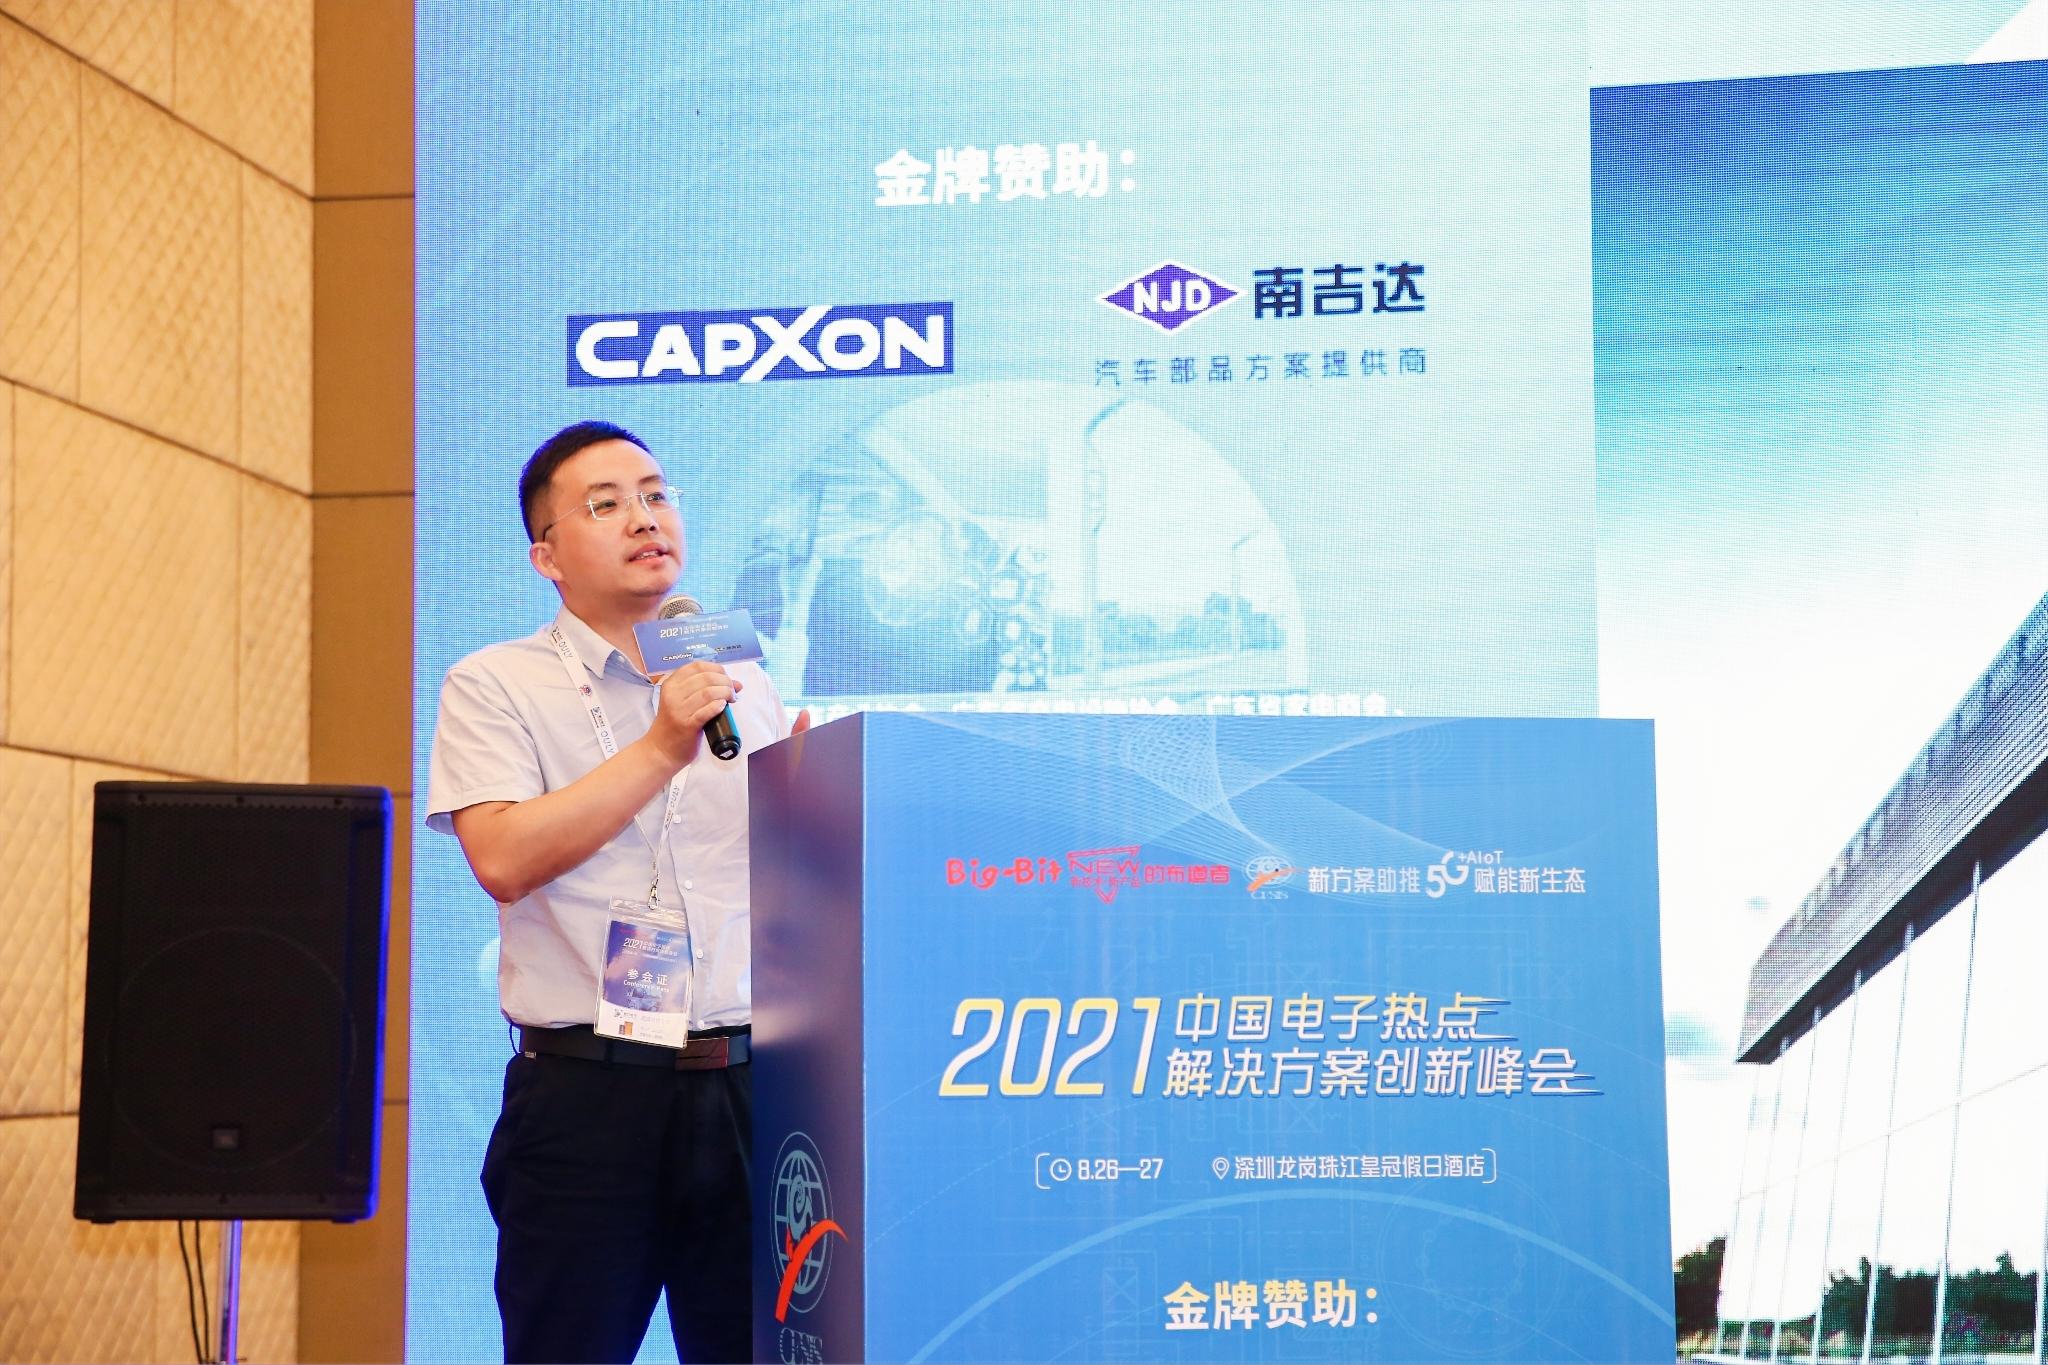 广州锐速智能科技股份有限公司副总经理覃见吉